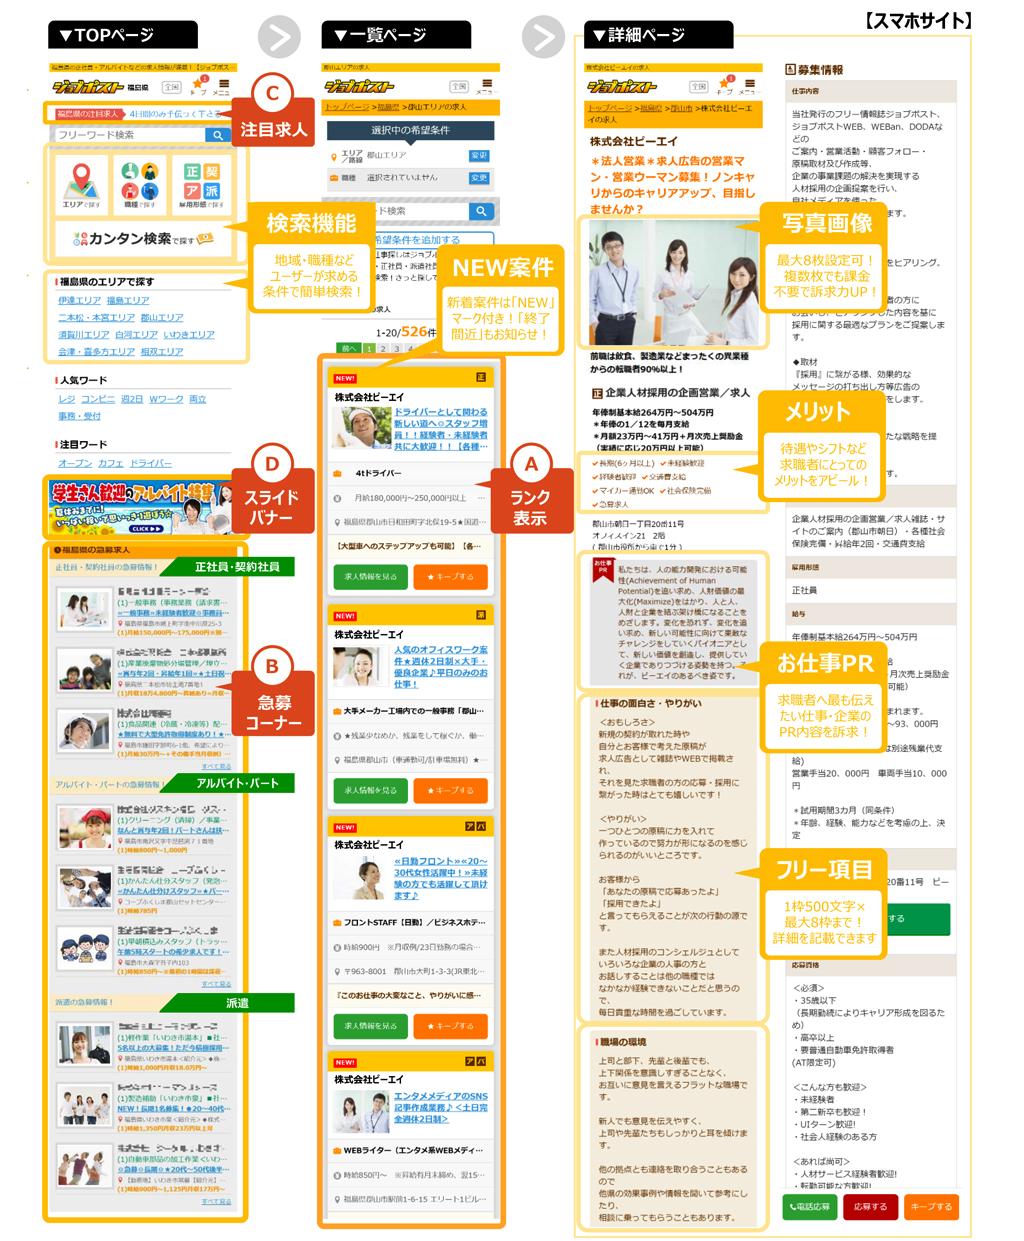 jobpostweb-GraphG-1024